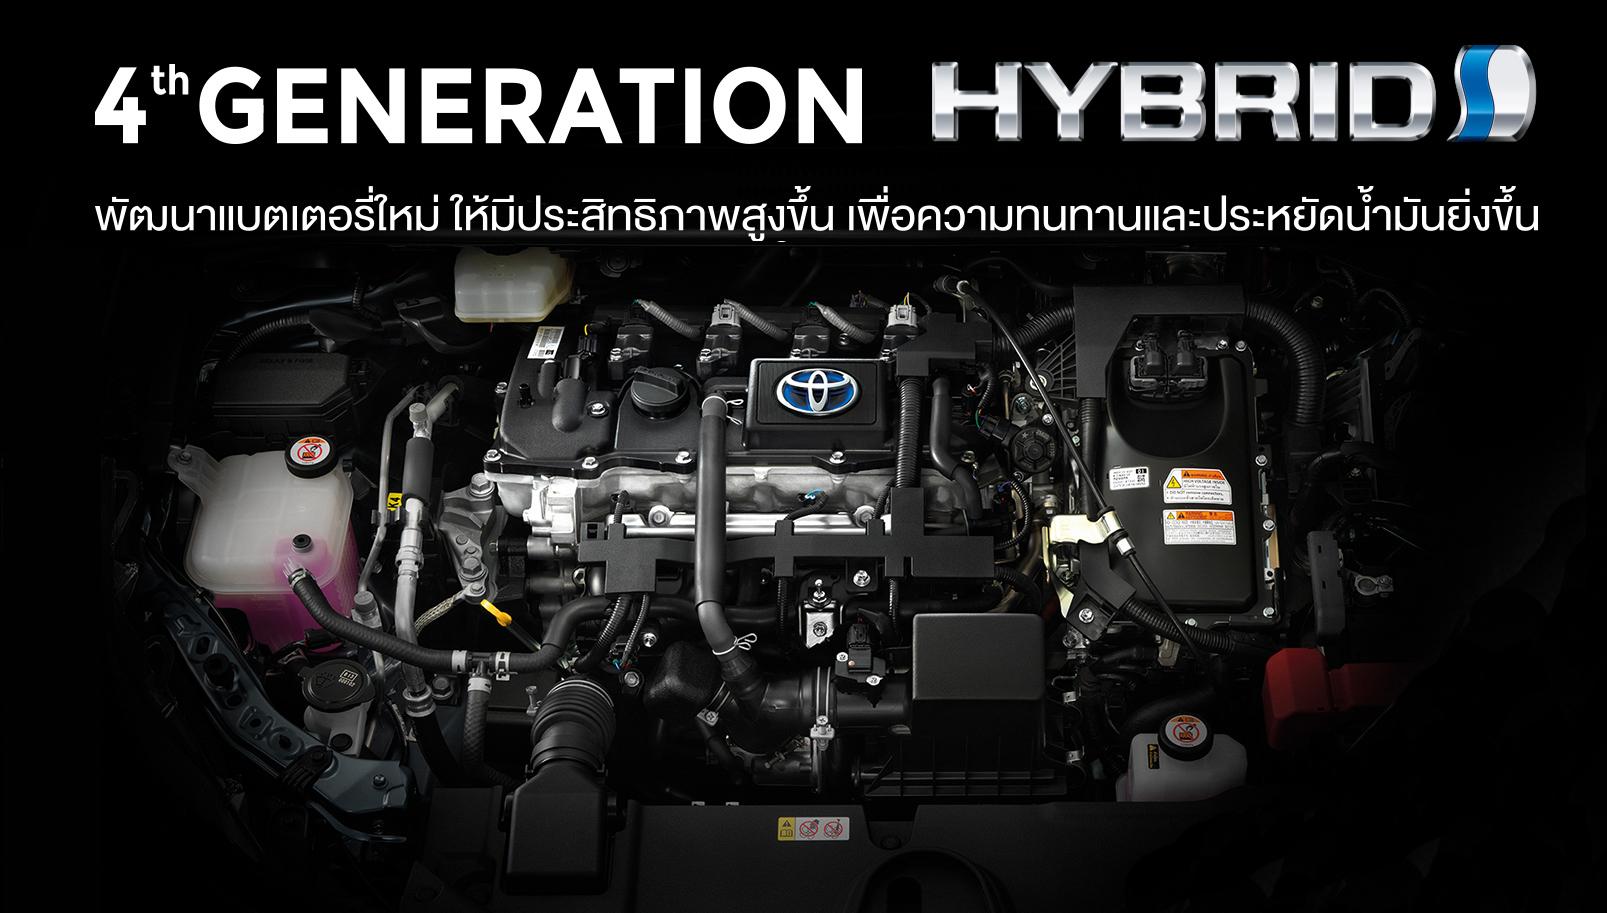 Hybrid Genearation 4